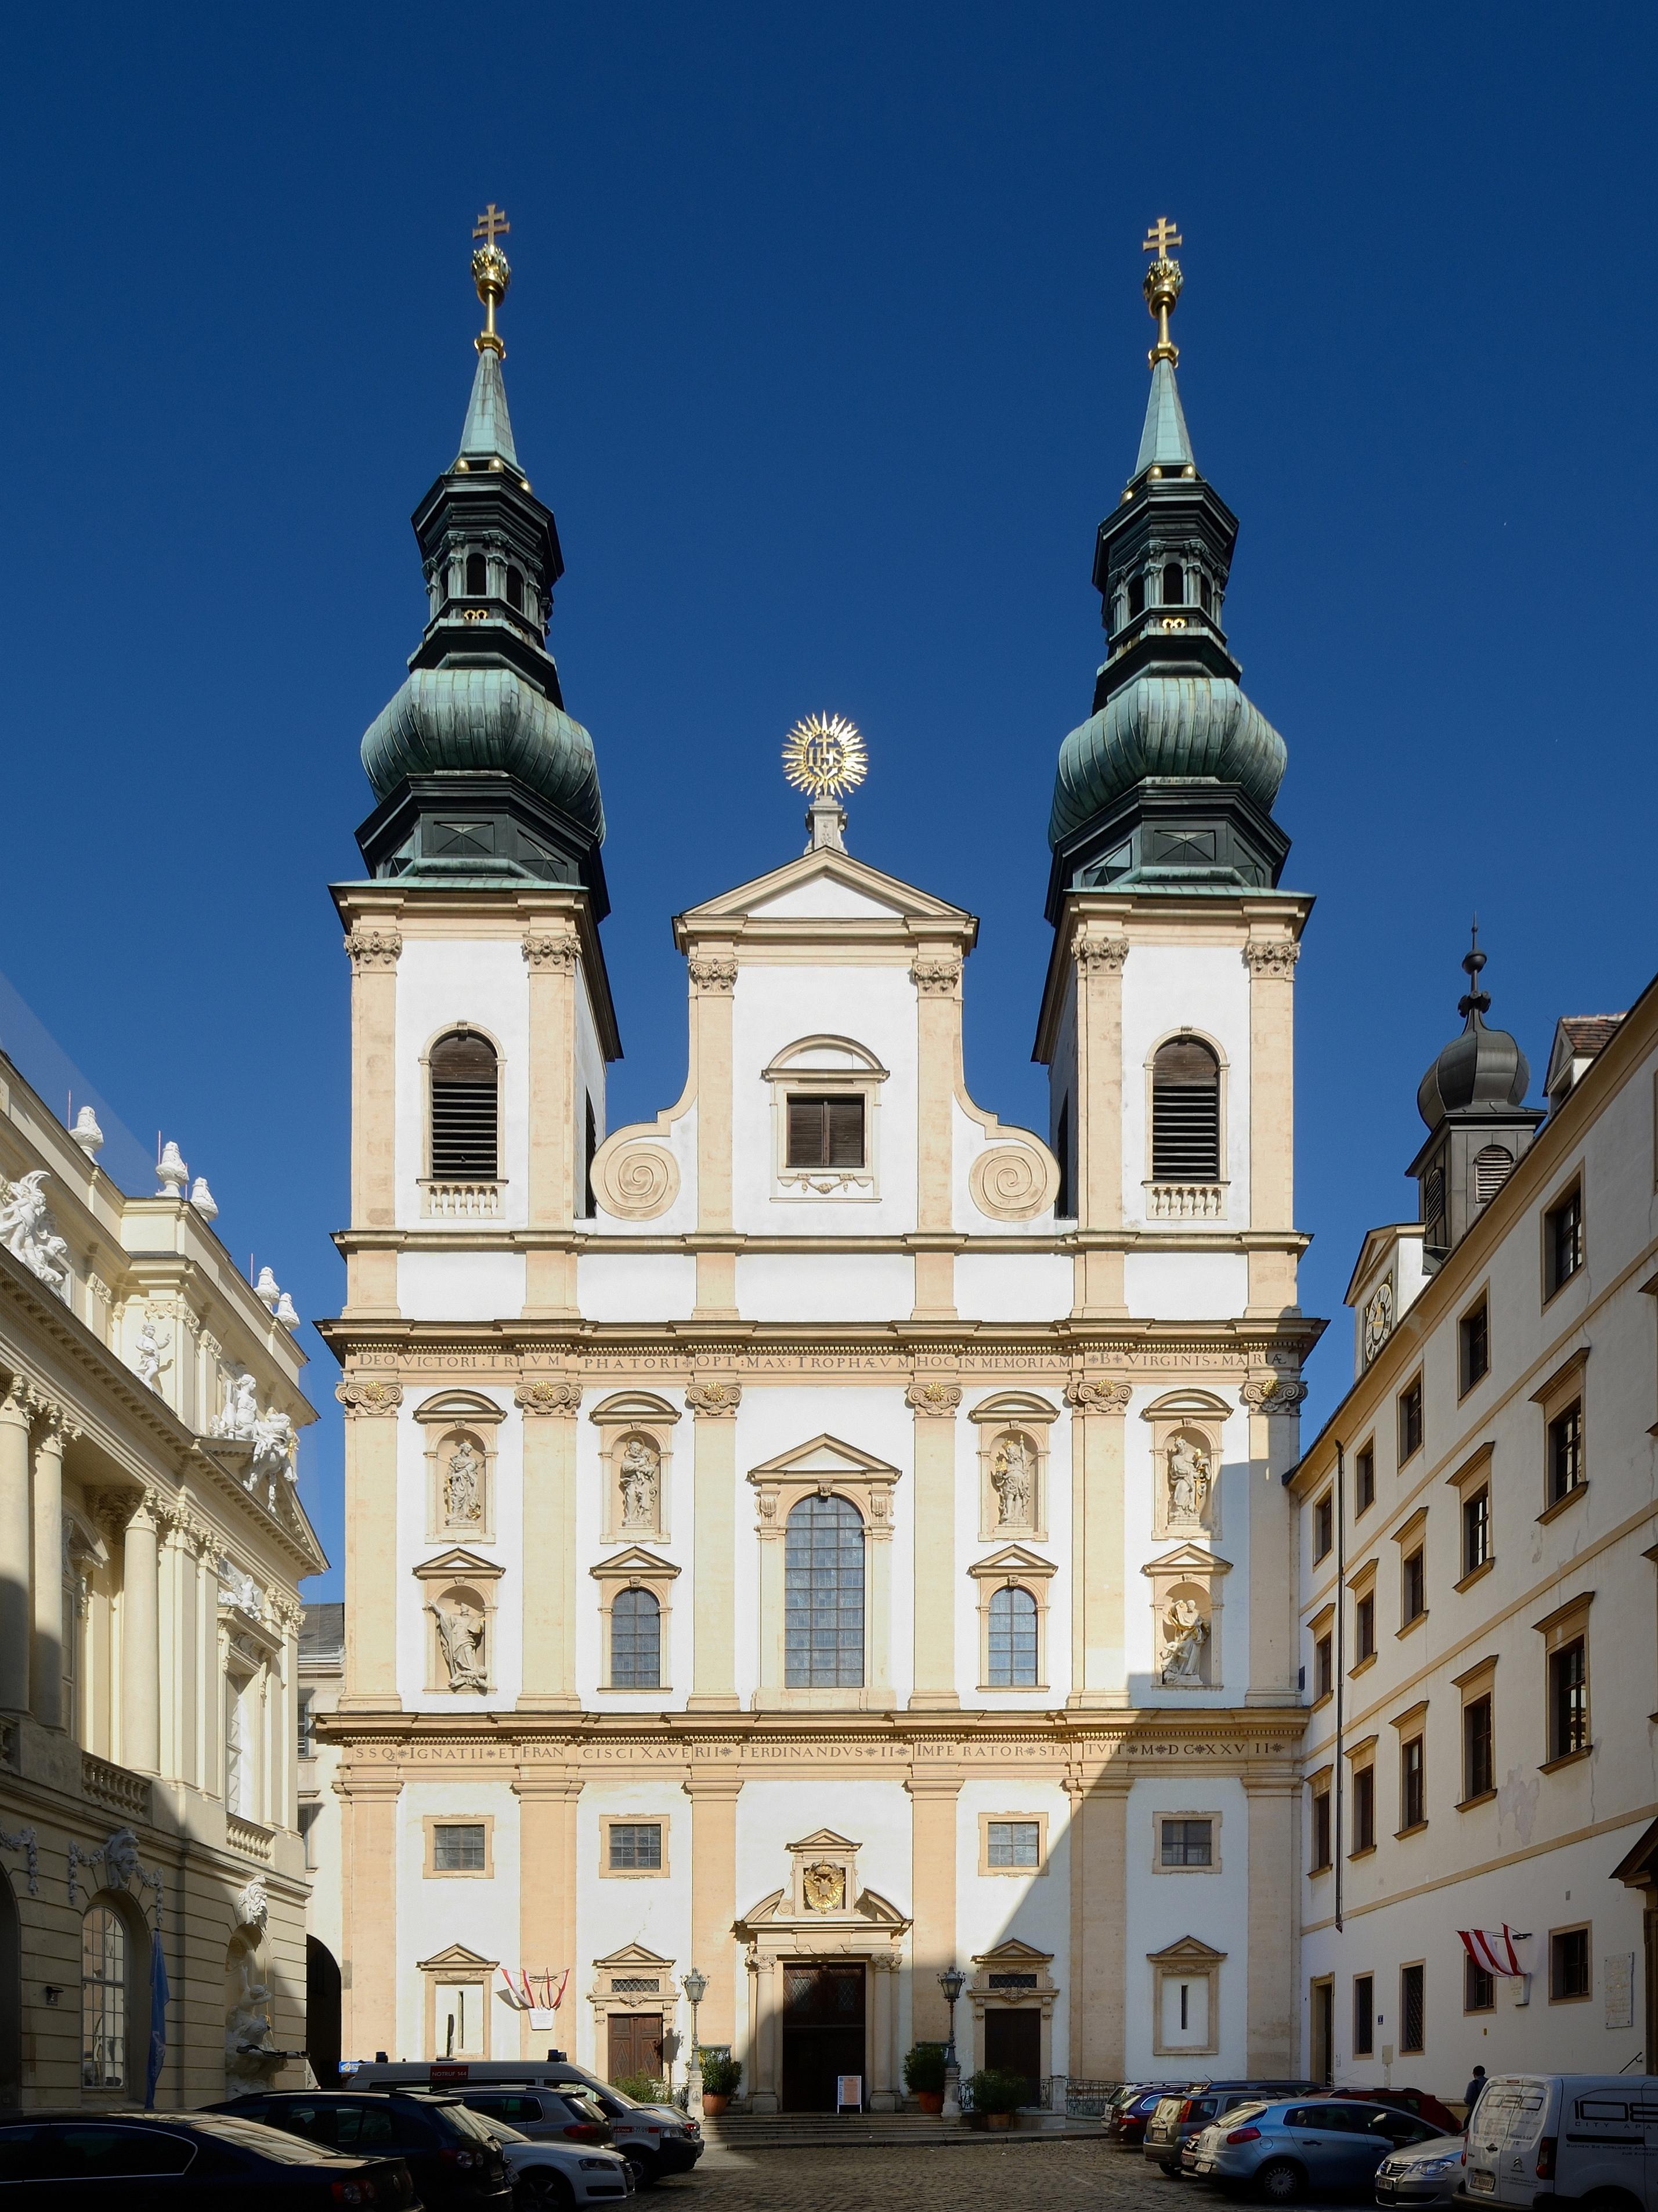 Jesuitenkirche Seipel-Platz-Wien-DSC 4625w.jpg